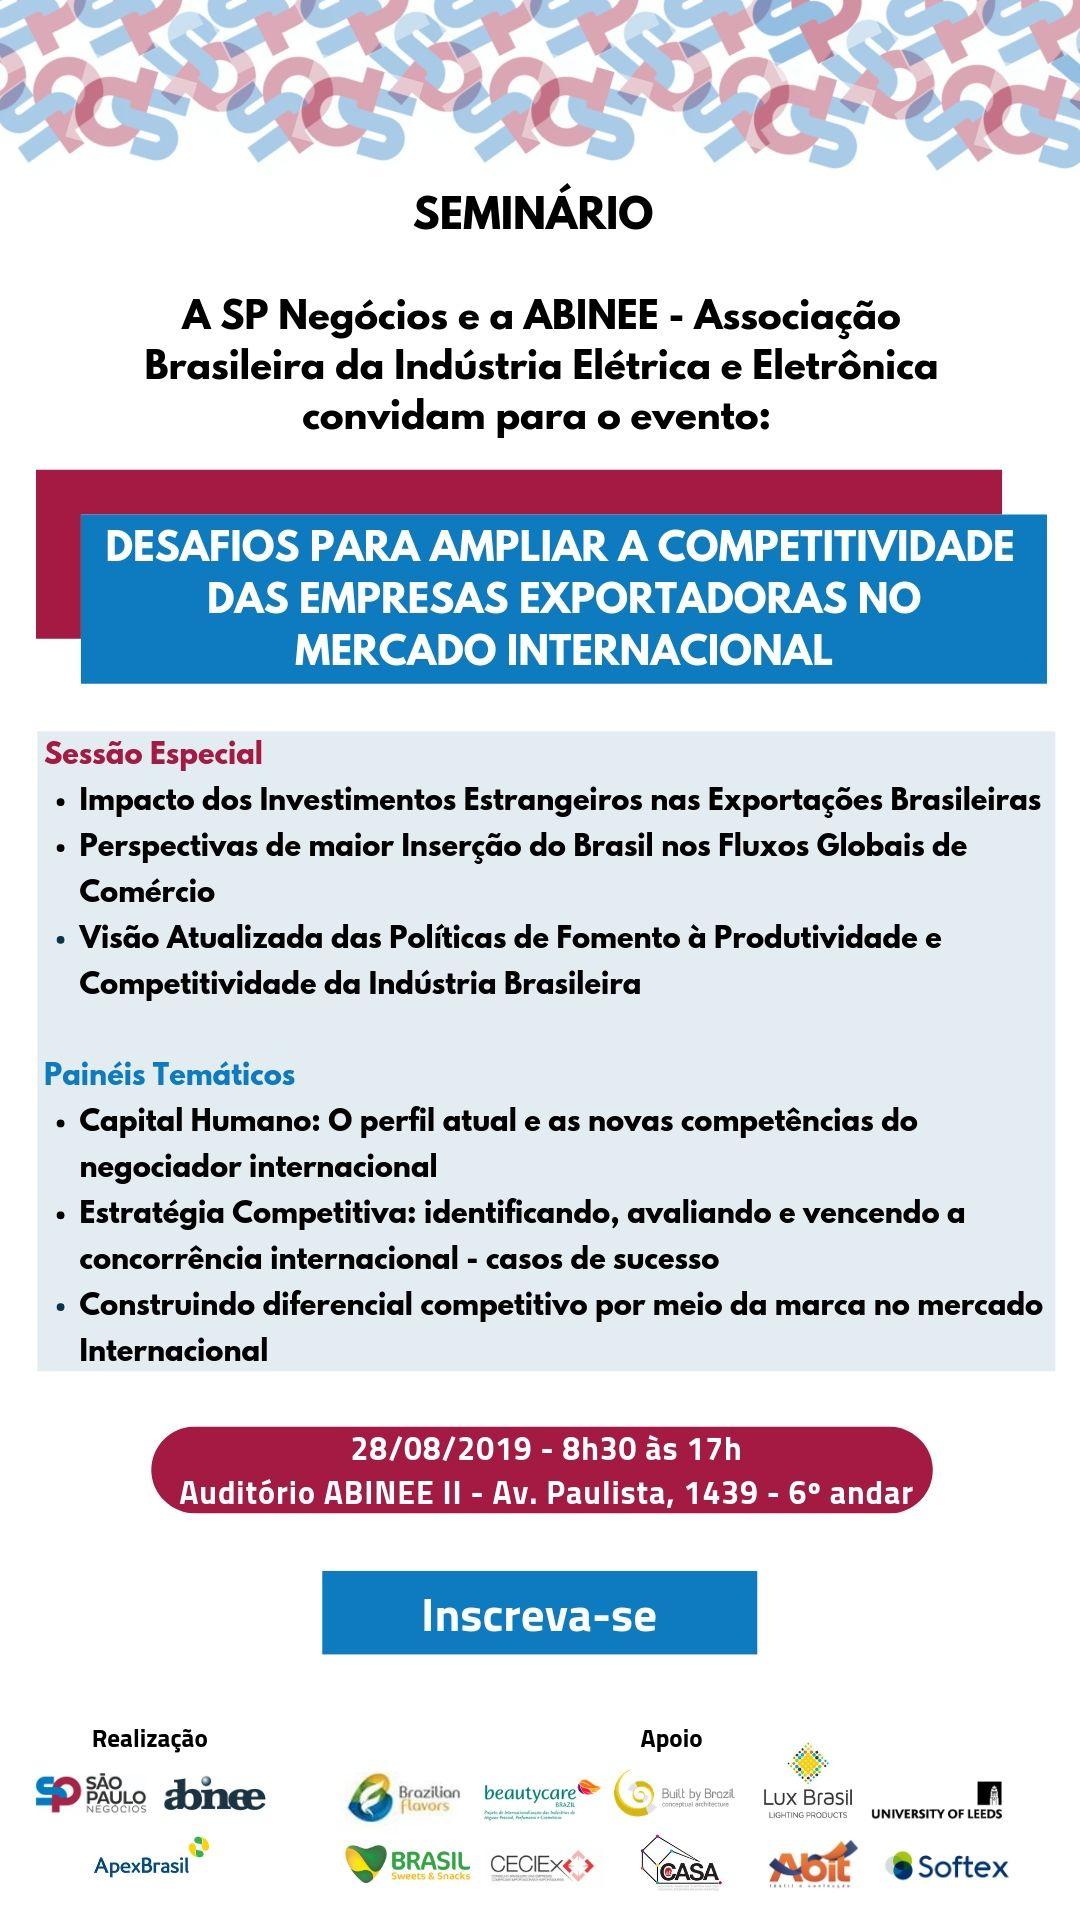 Desafios para ampliar a competitividade das empresas exportadoras no mercado internacional